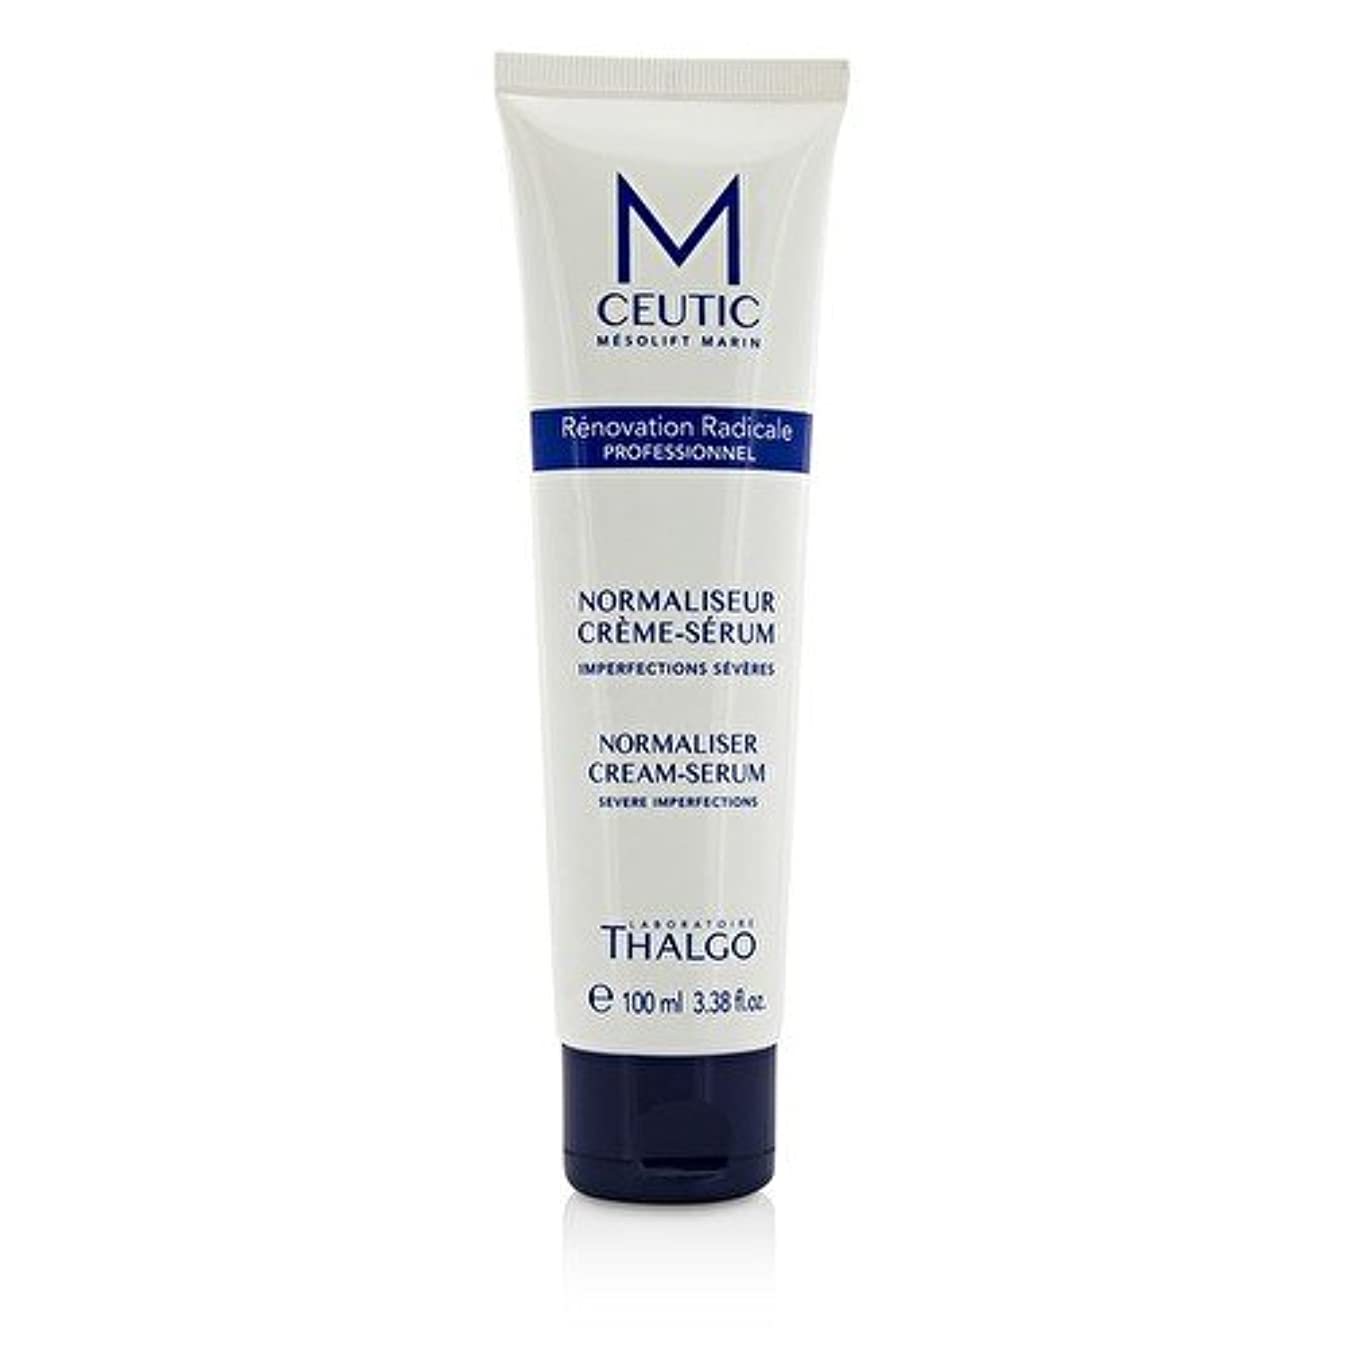 きらきら圧倒的エンドウタルゴ MCEUTIC Normalizer Cream-Serum - Salon Size 100ml/3.38oz並行輸入品